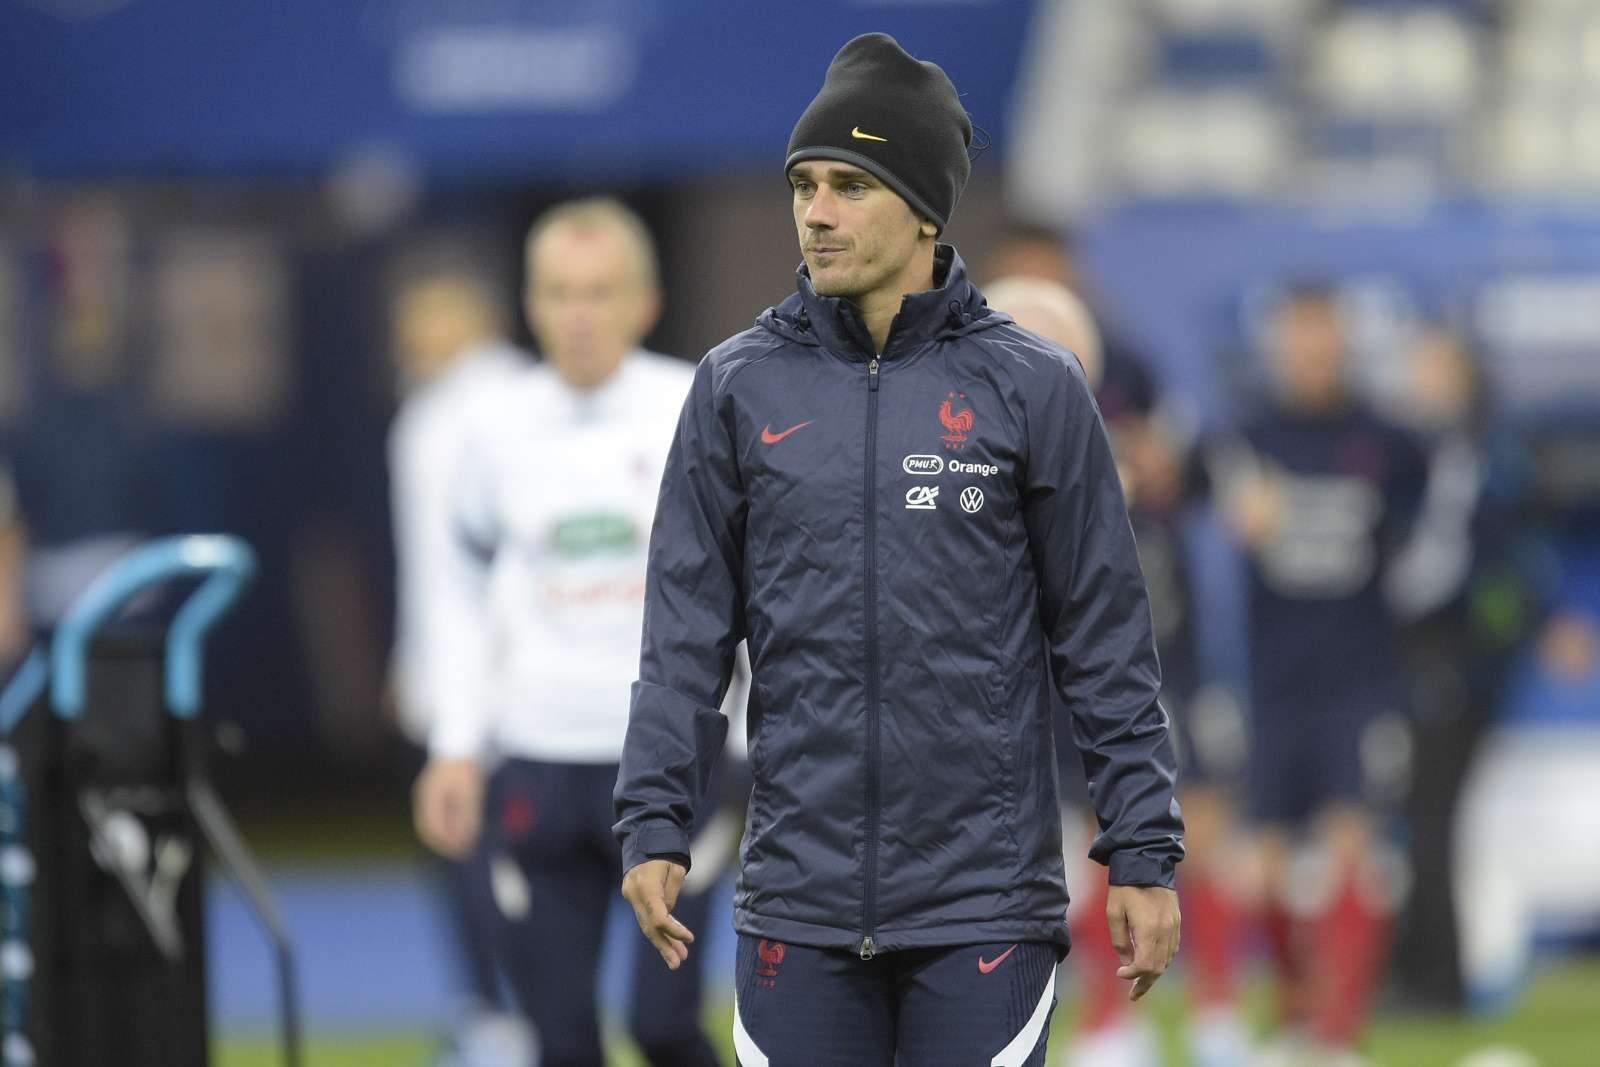 Гризманн останется в «Барселоне» до конца сезона